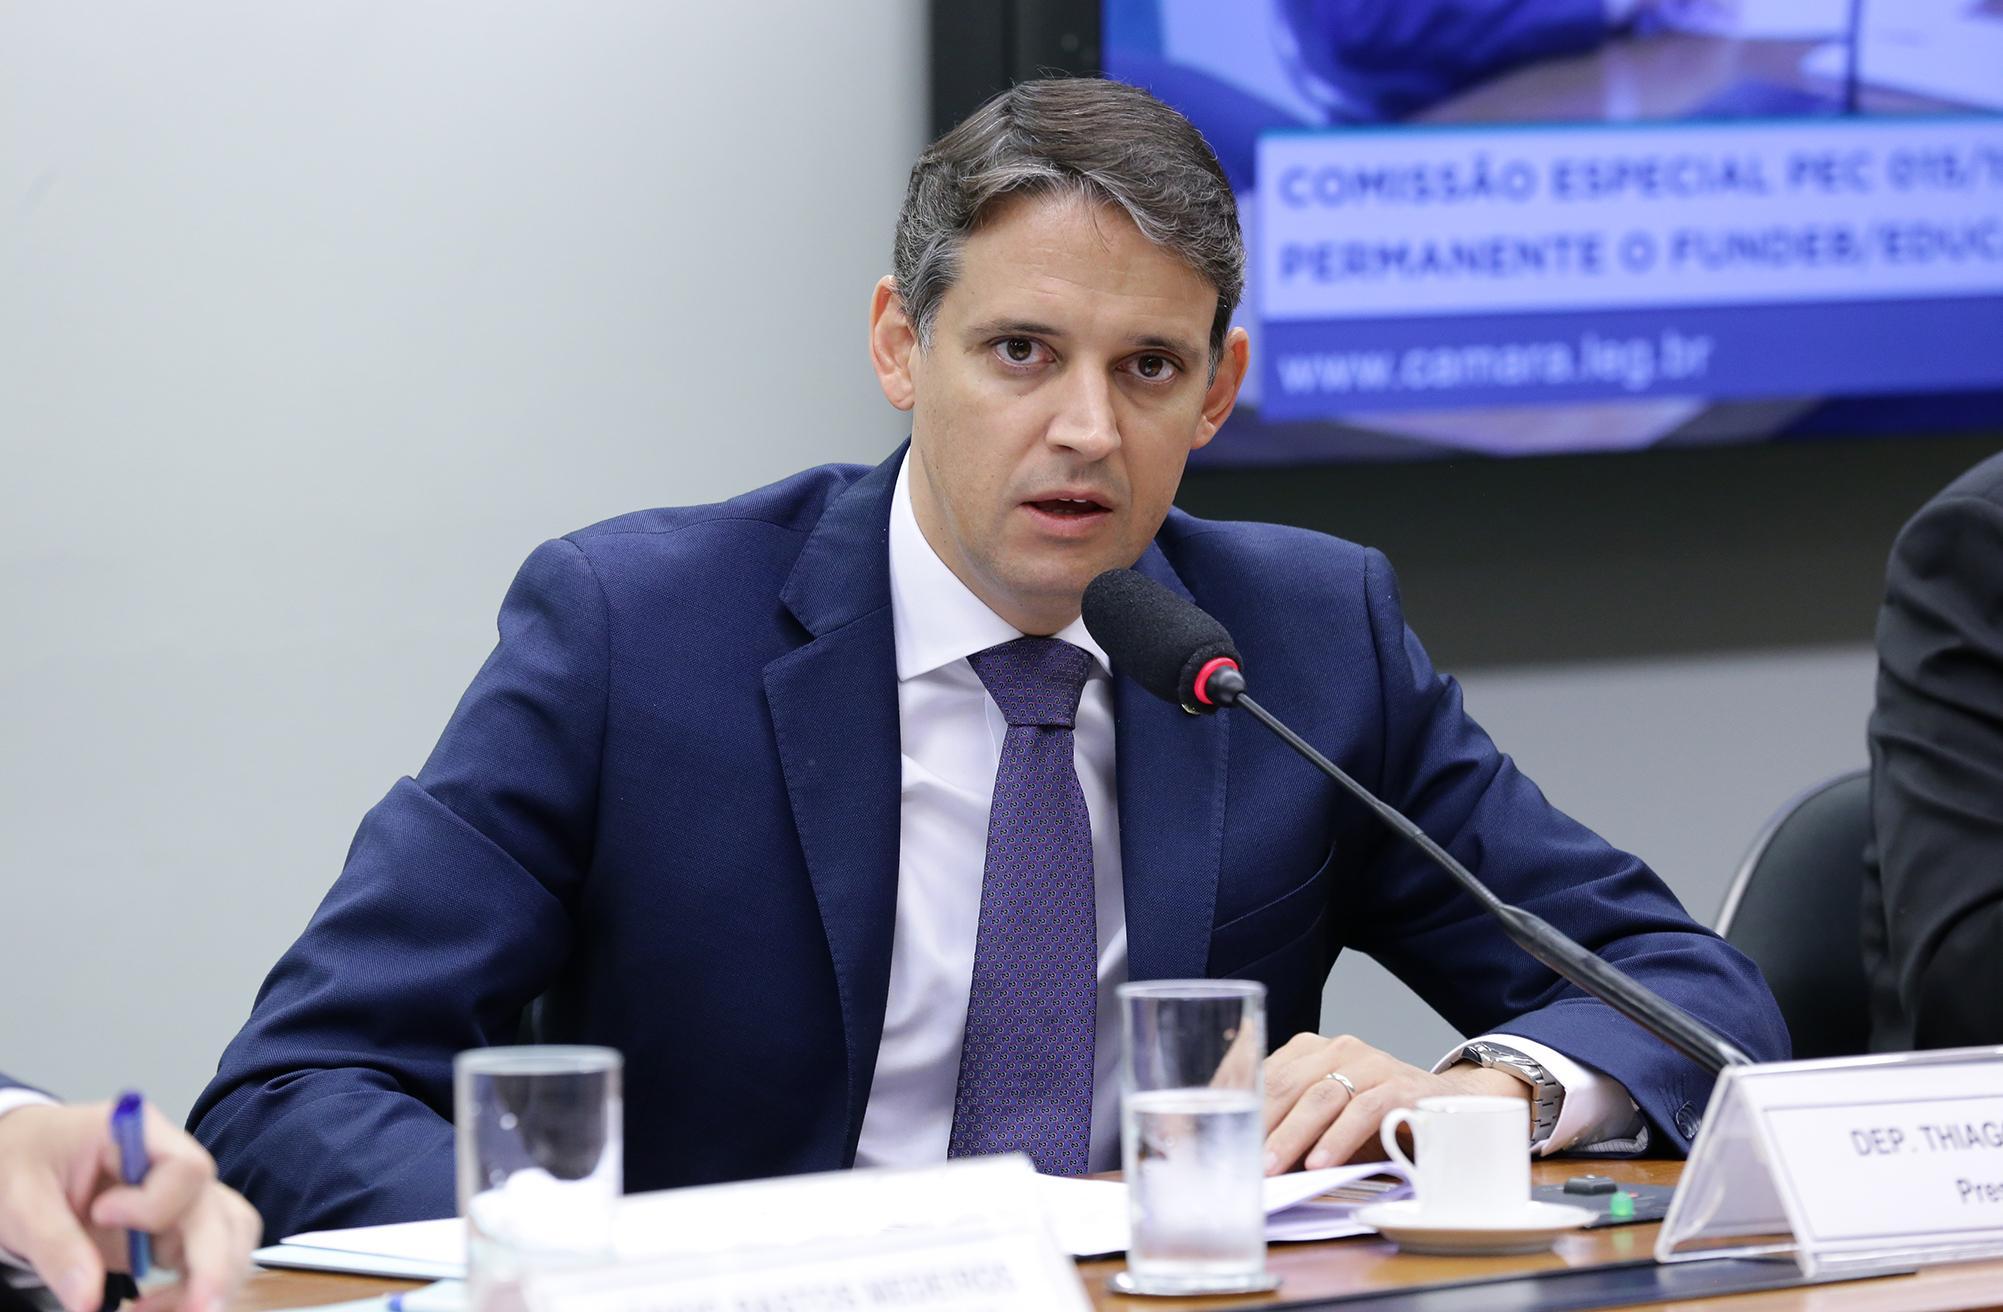 Audiência Pública e Reunião Ordinária. Dep. Thiago Peixoto (PSD - GO)